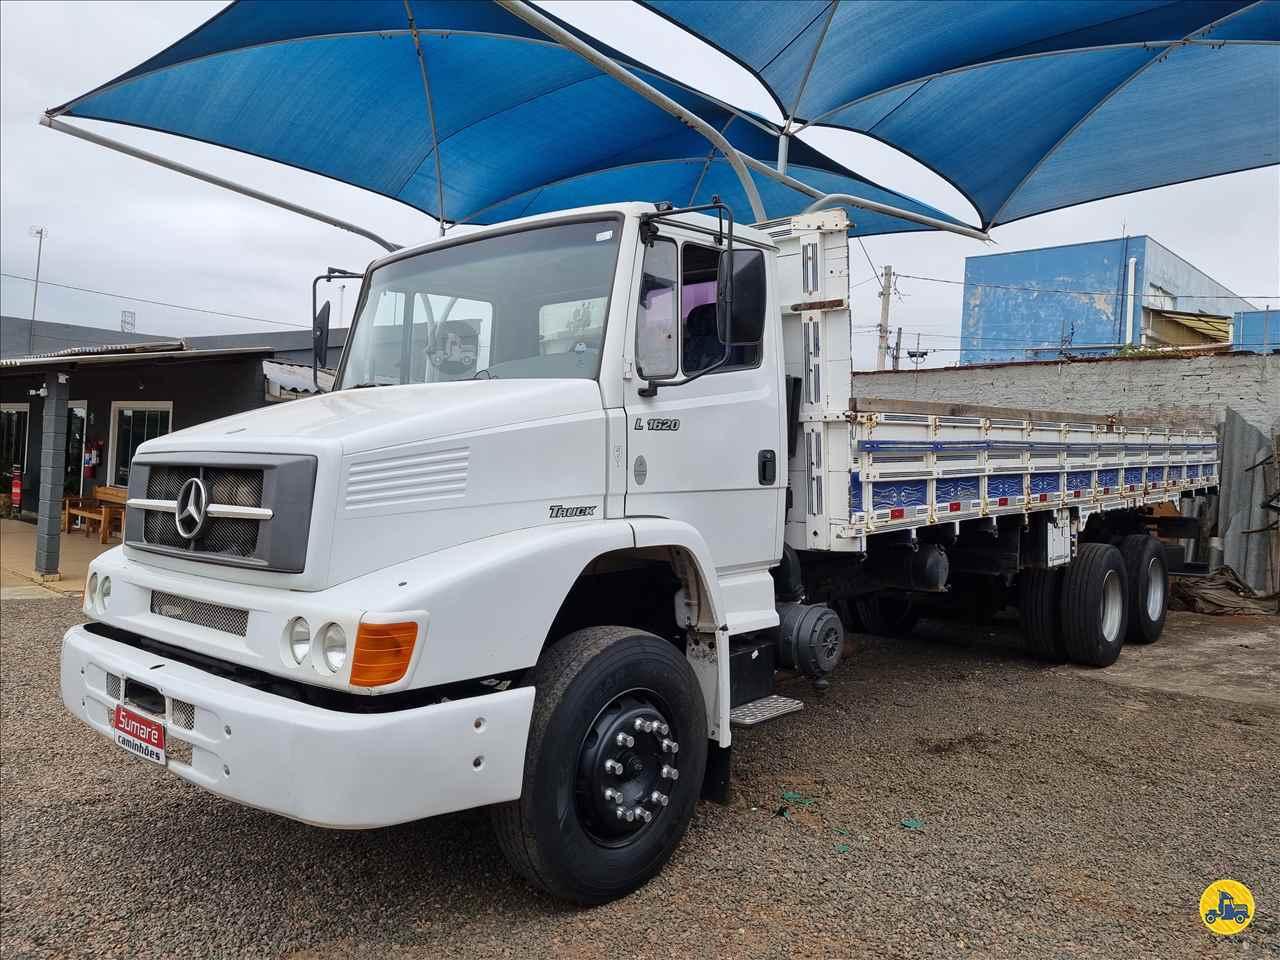 CAMINHAO MERCEDES-BENZ MB 1620 Carga Seca Truck 6x2 Sumaré Caminhões SUMARE SÃO PAULO SP